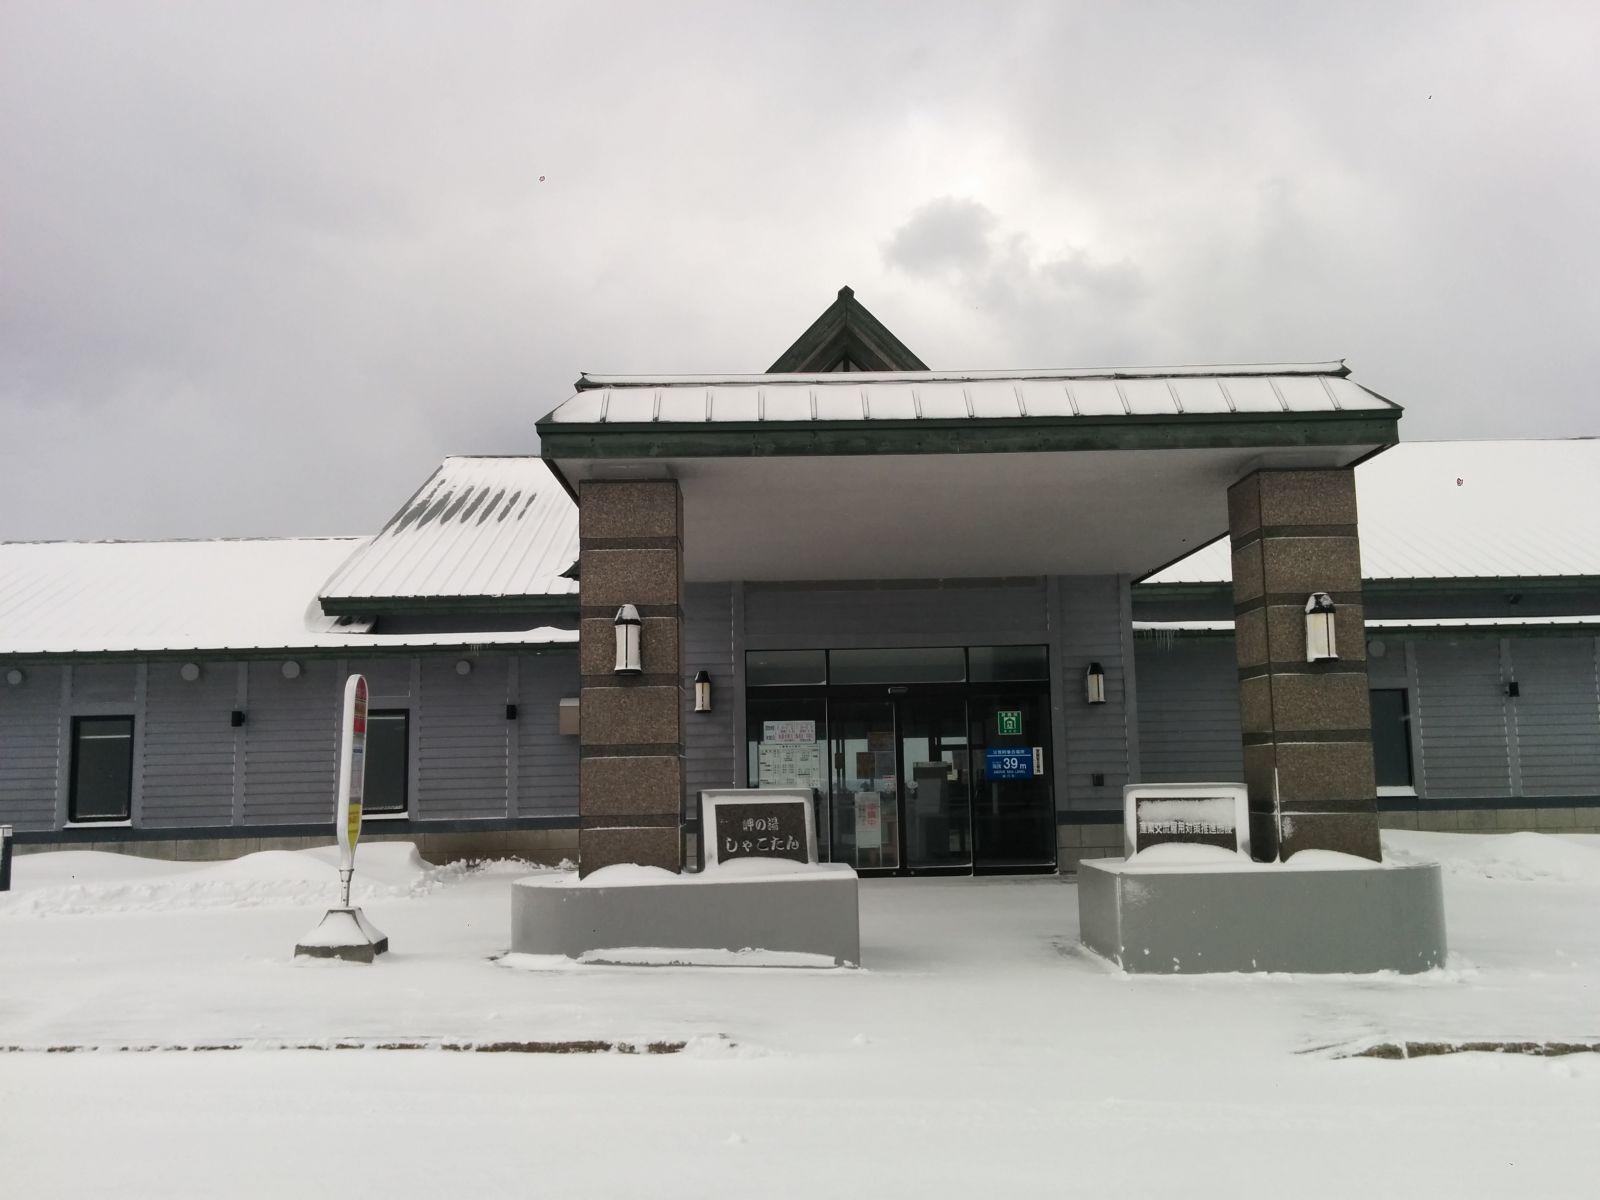 【積丹町】雪の岬の湯しゃこたん温泉観光案内です。